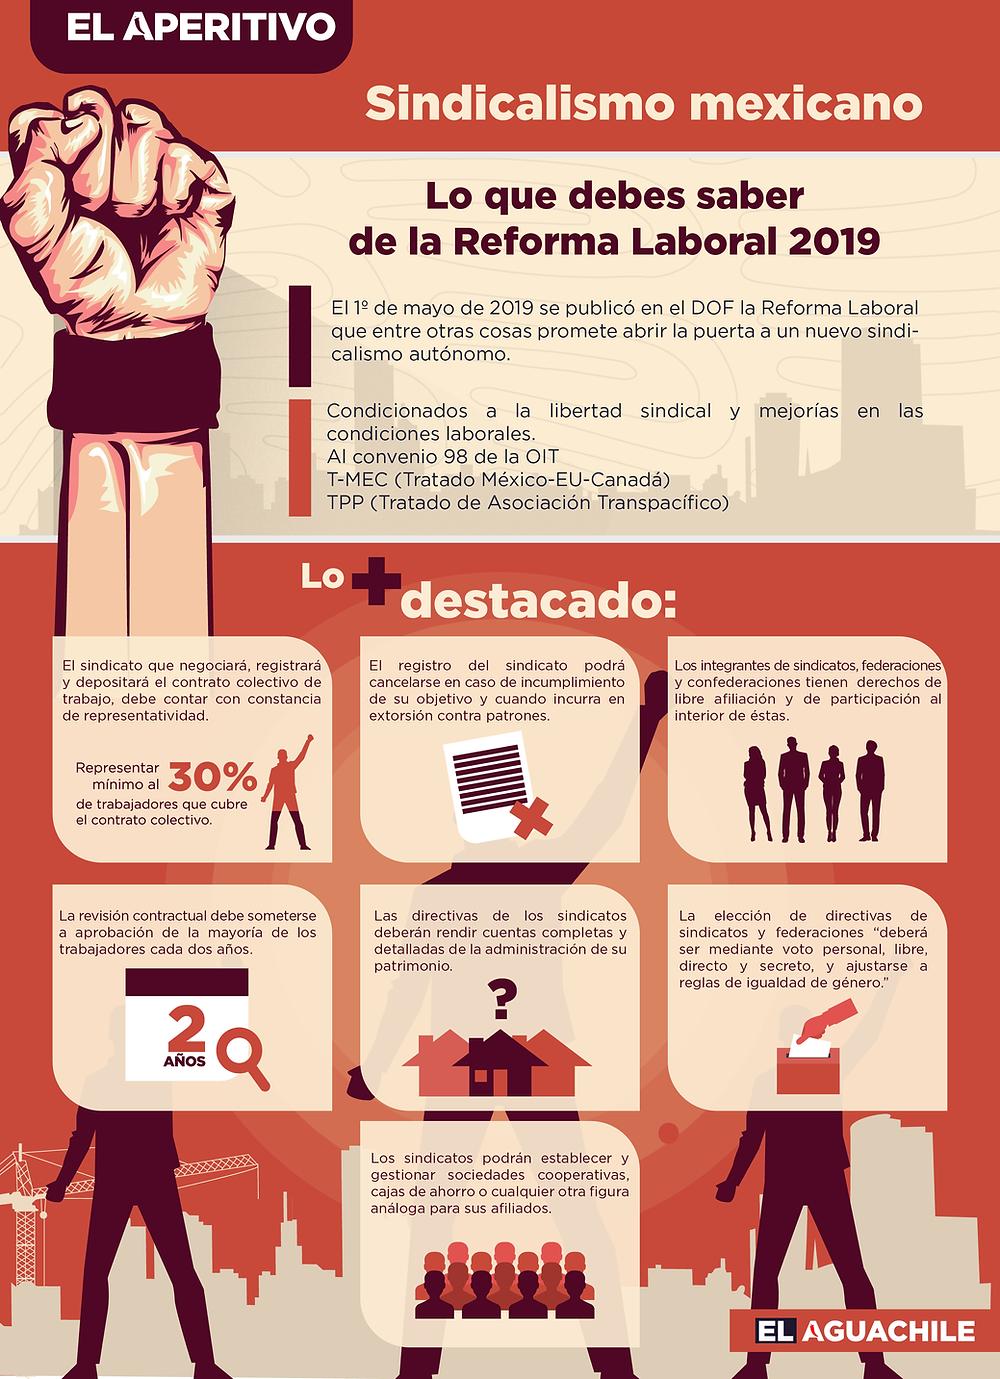 Infografía sobre las nuevas reglas para los sindicatos en méxico